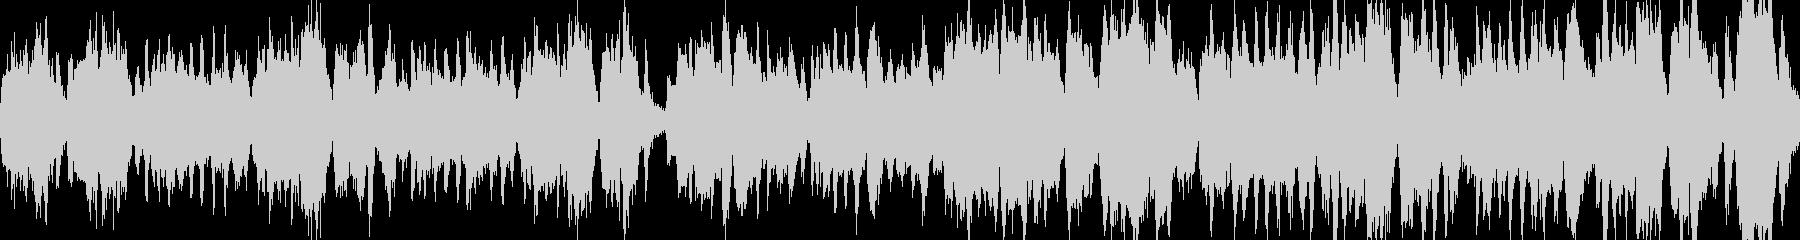 魔女のコミカルなオーケストラ・ループ版の未再生の波形